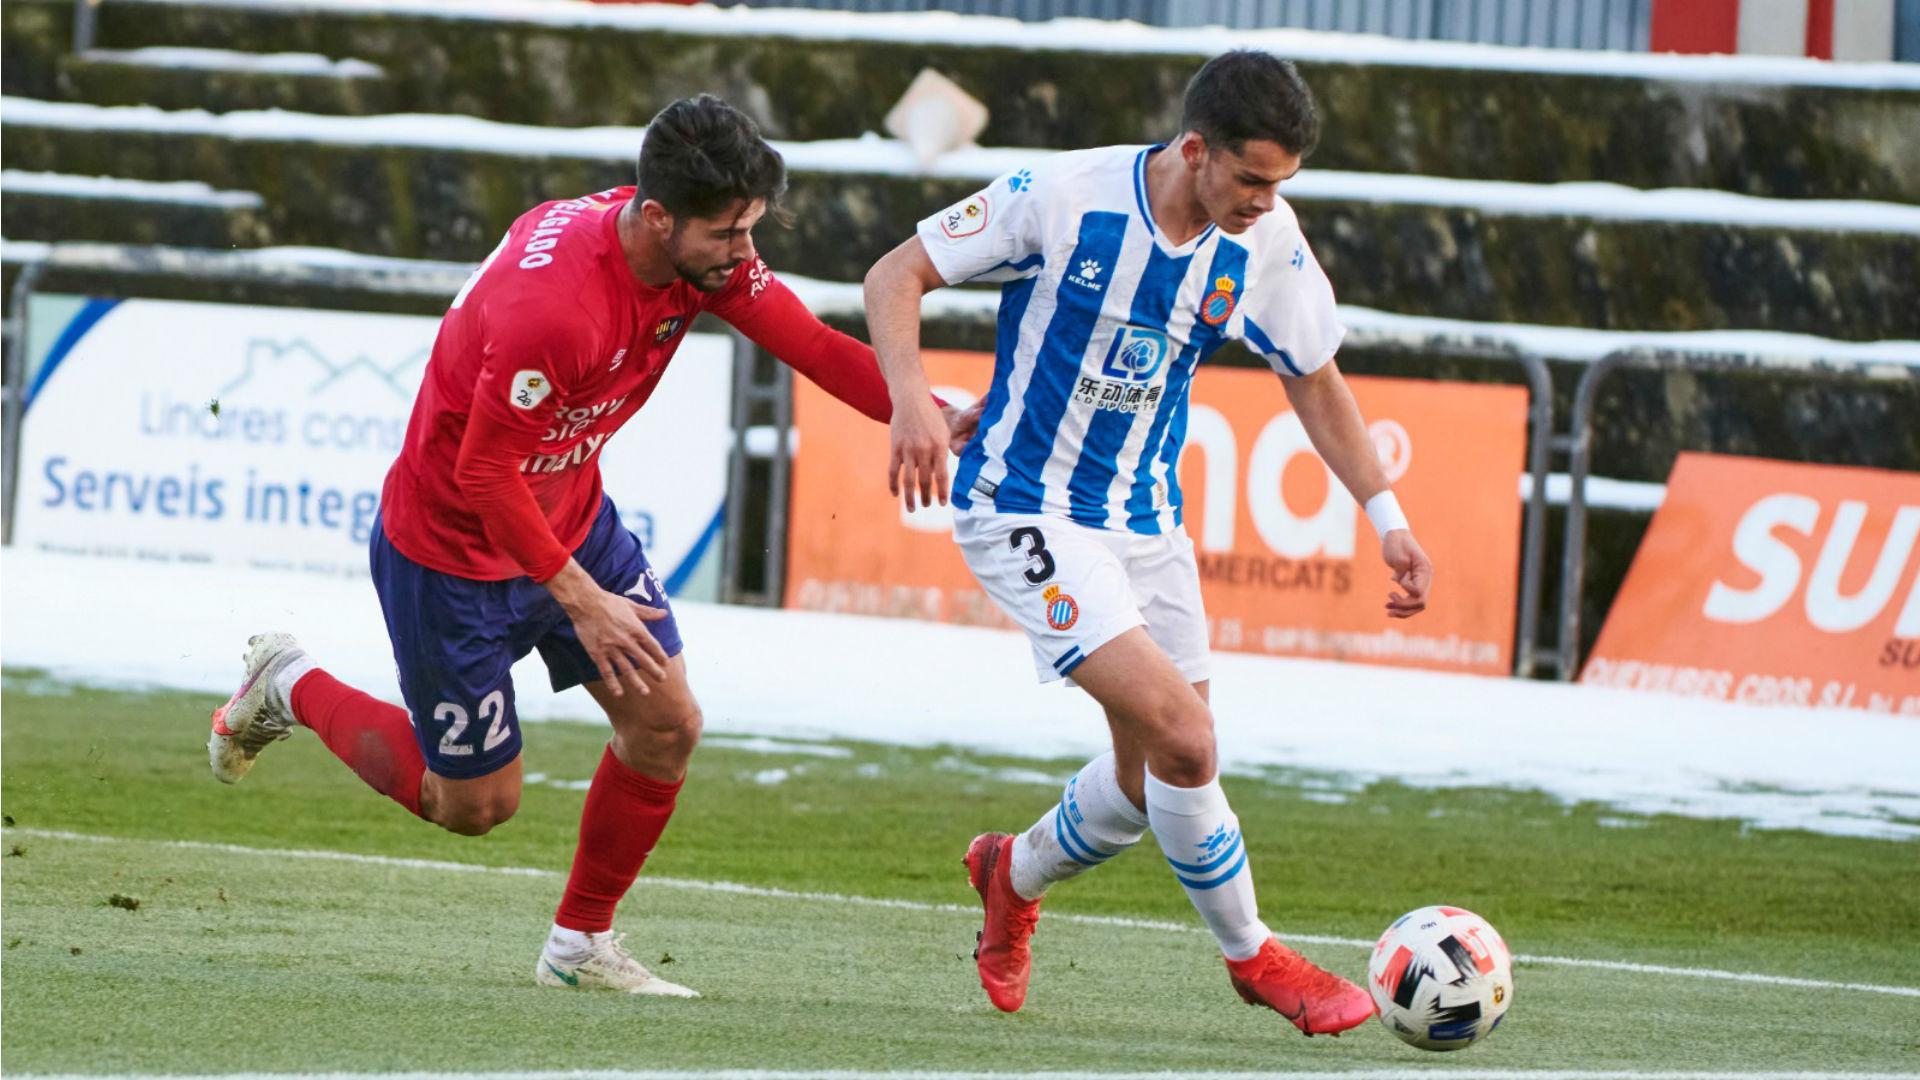 Partit entre l'Olot i l'Espanyol B